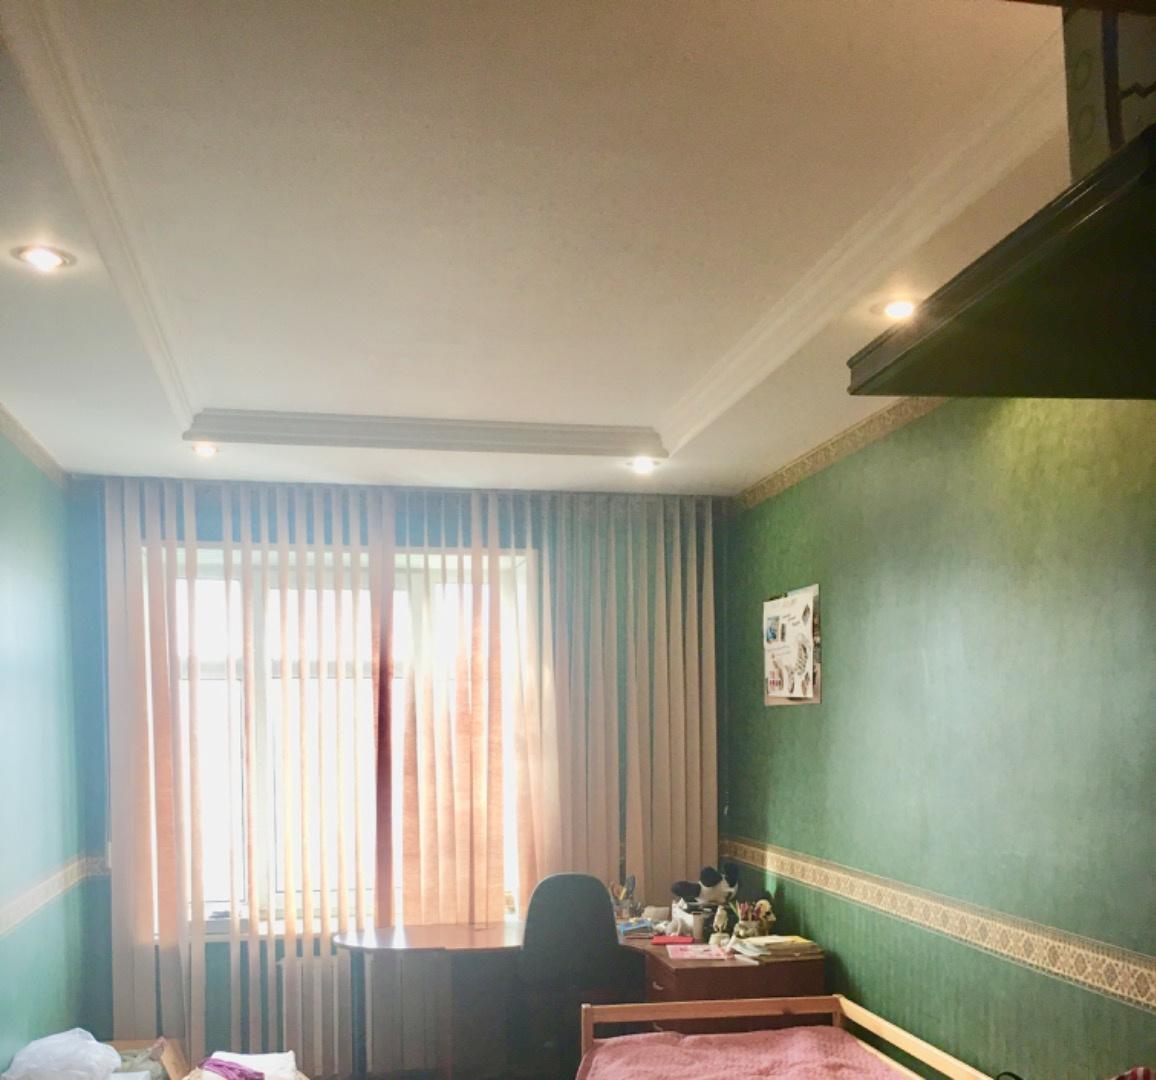 Продается 3-комнатная Квартира на ул. Педагогическая — 140 000 у.е. (фото №9)